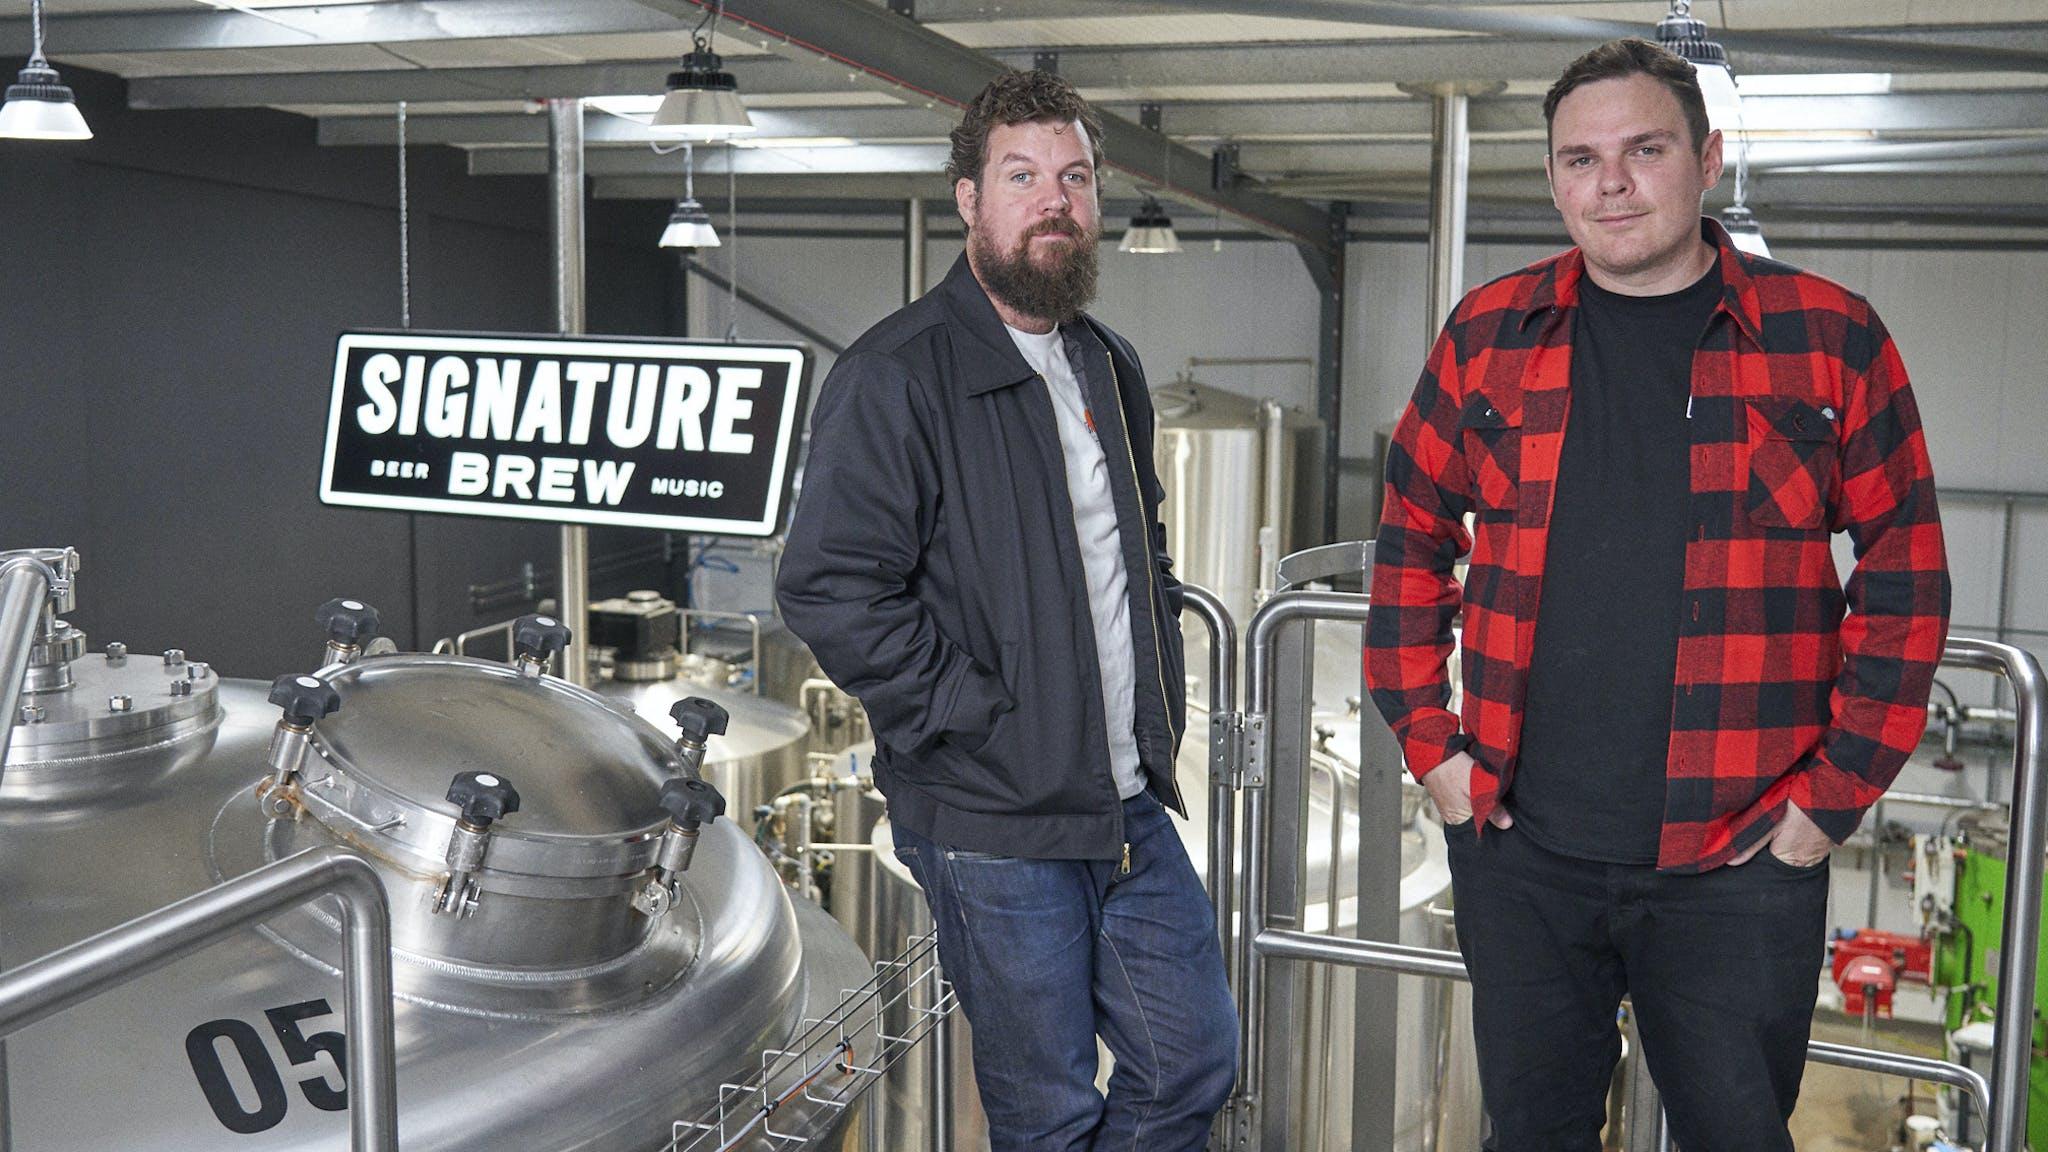 Signature Brew Press Shot